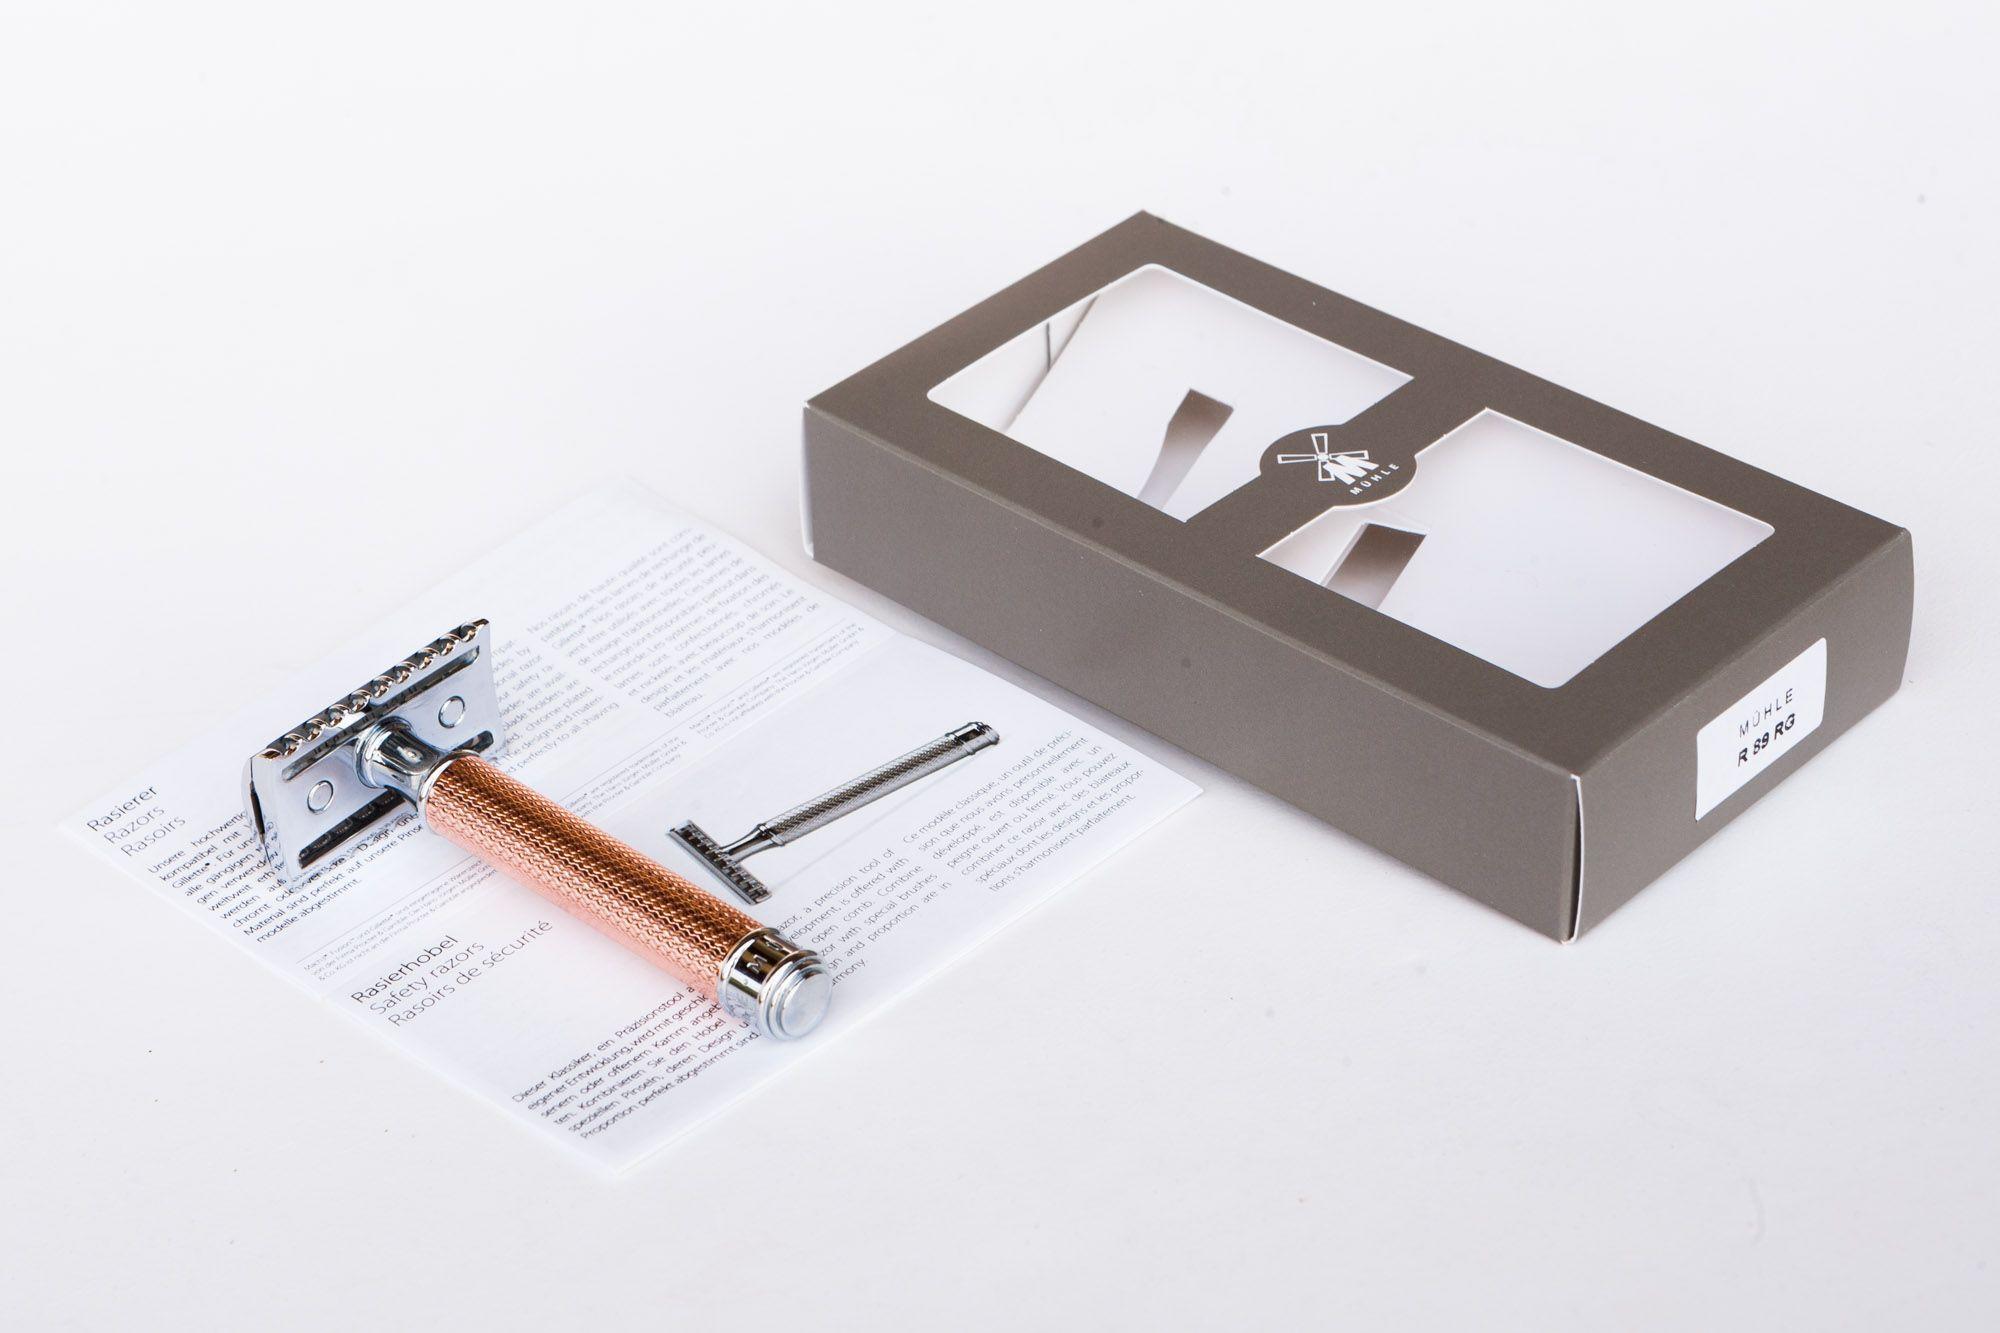 Maszynka Mühle R41 Rosegold – zawartość opakowania